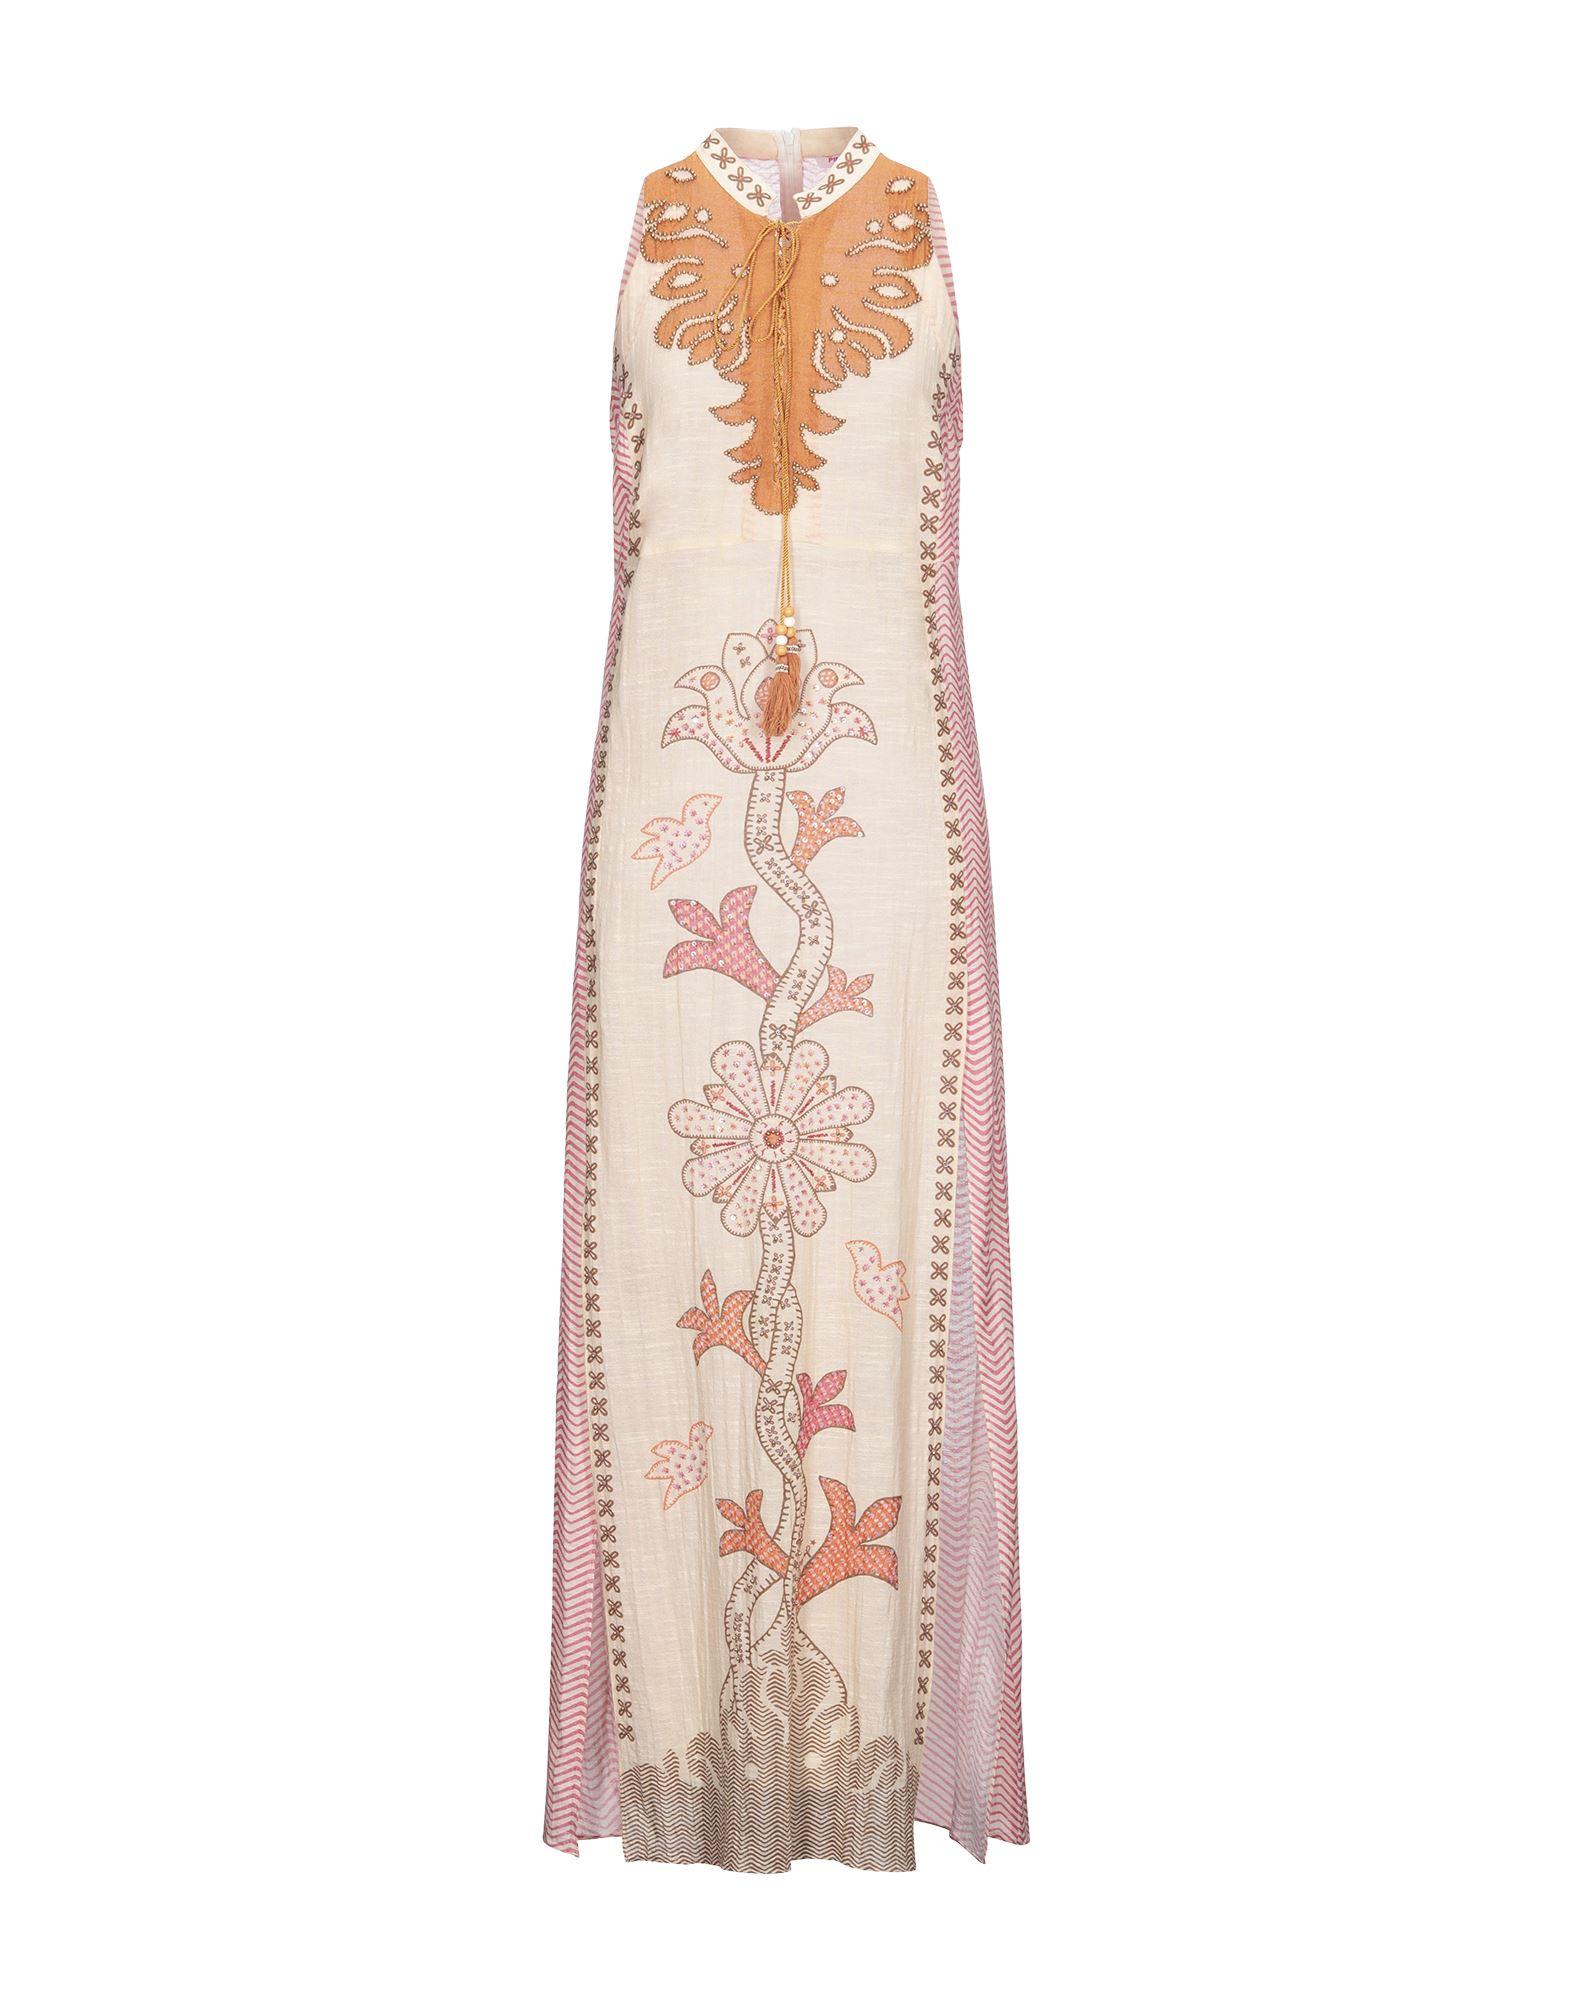 Фото - PIN UP STARS Длинное платье pin up stars длинное платье